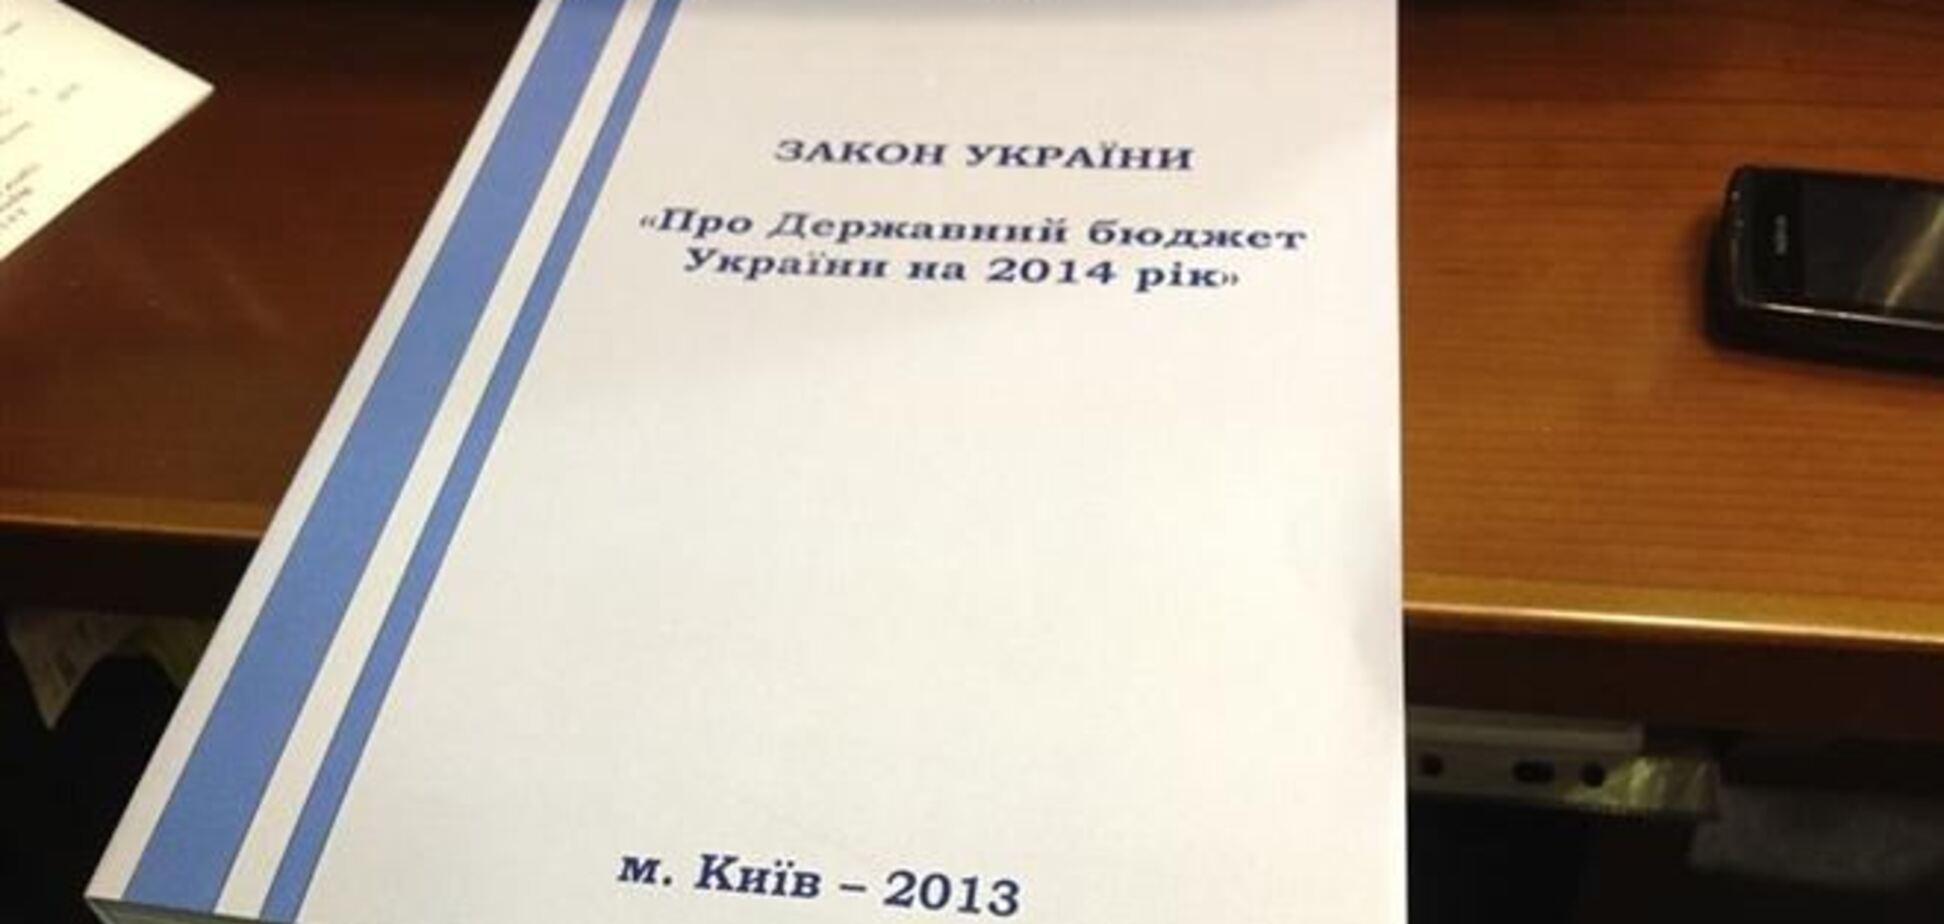 Бюджетний комітет схвалив проект держбюджету-2014